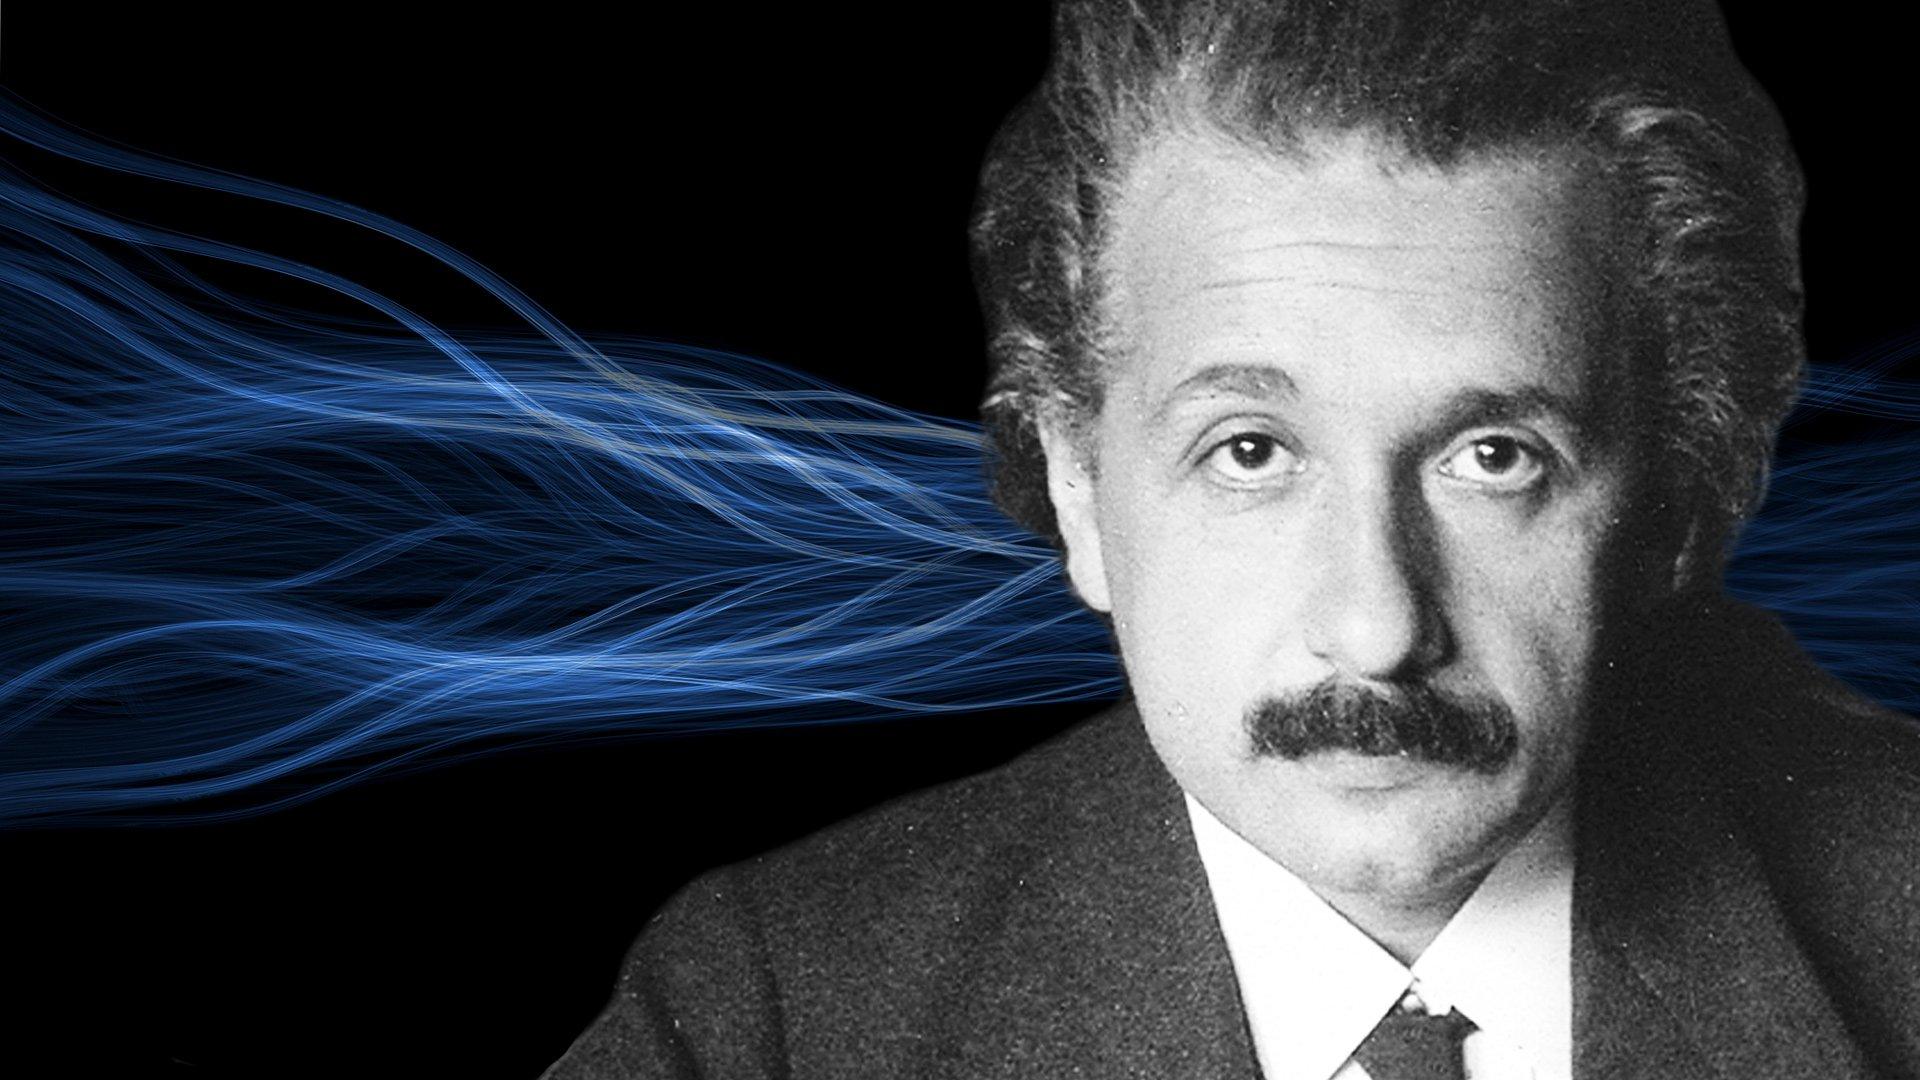 Einsteins Quantum Riddle